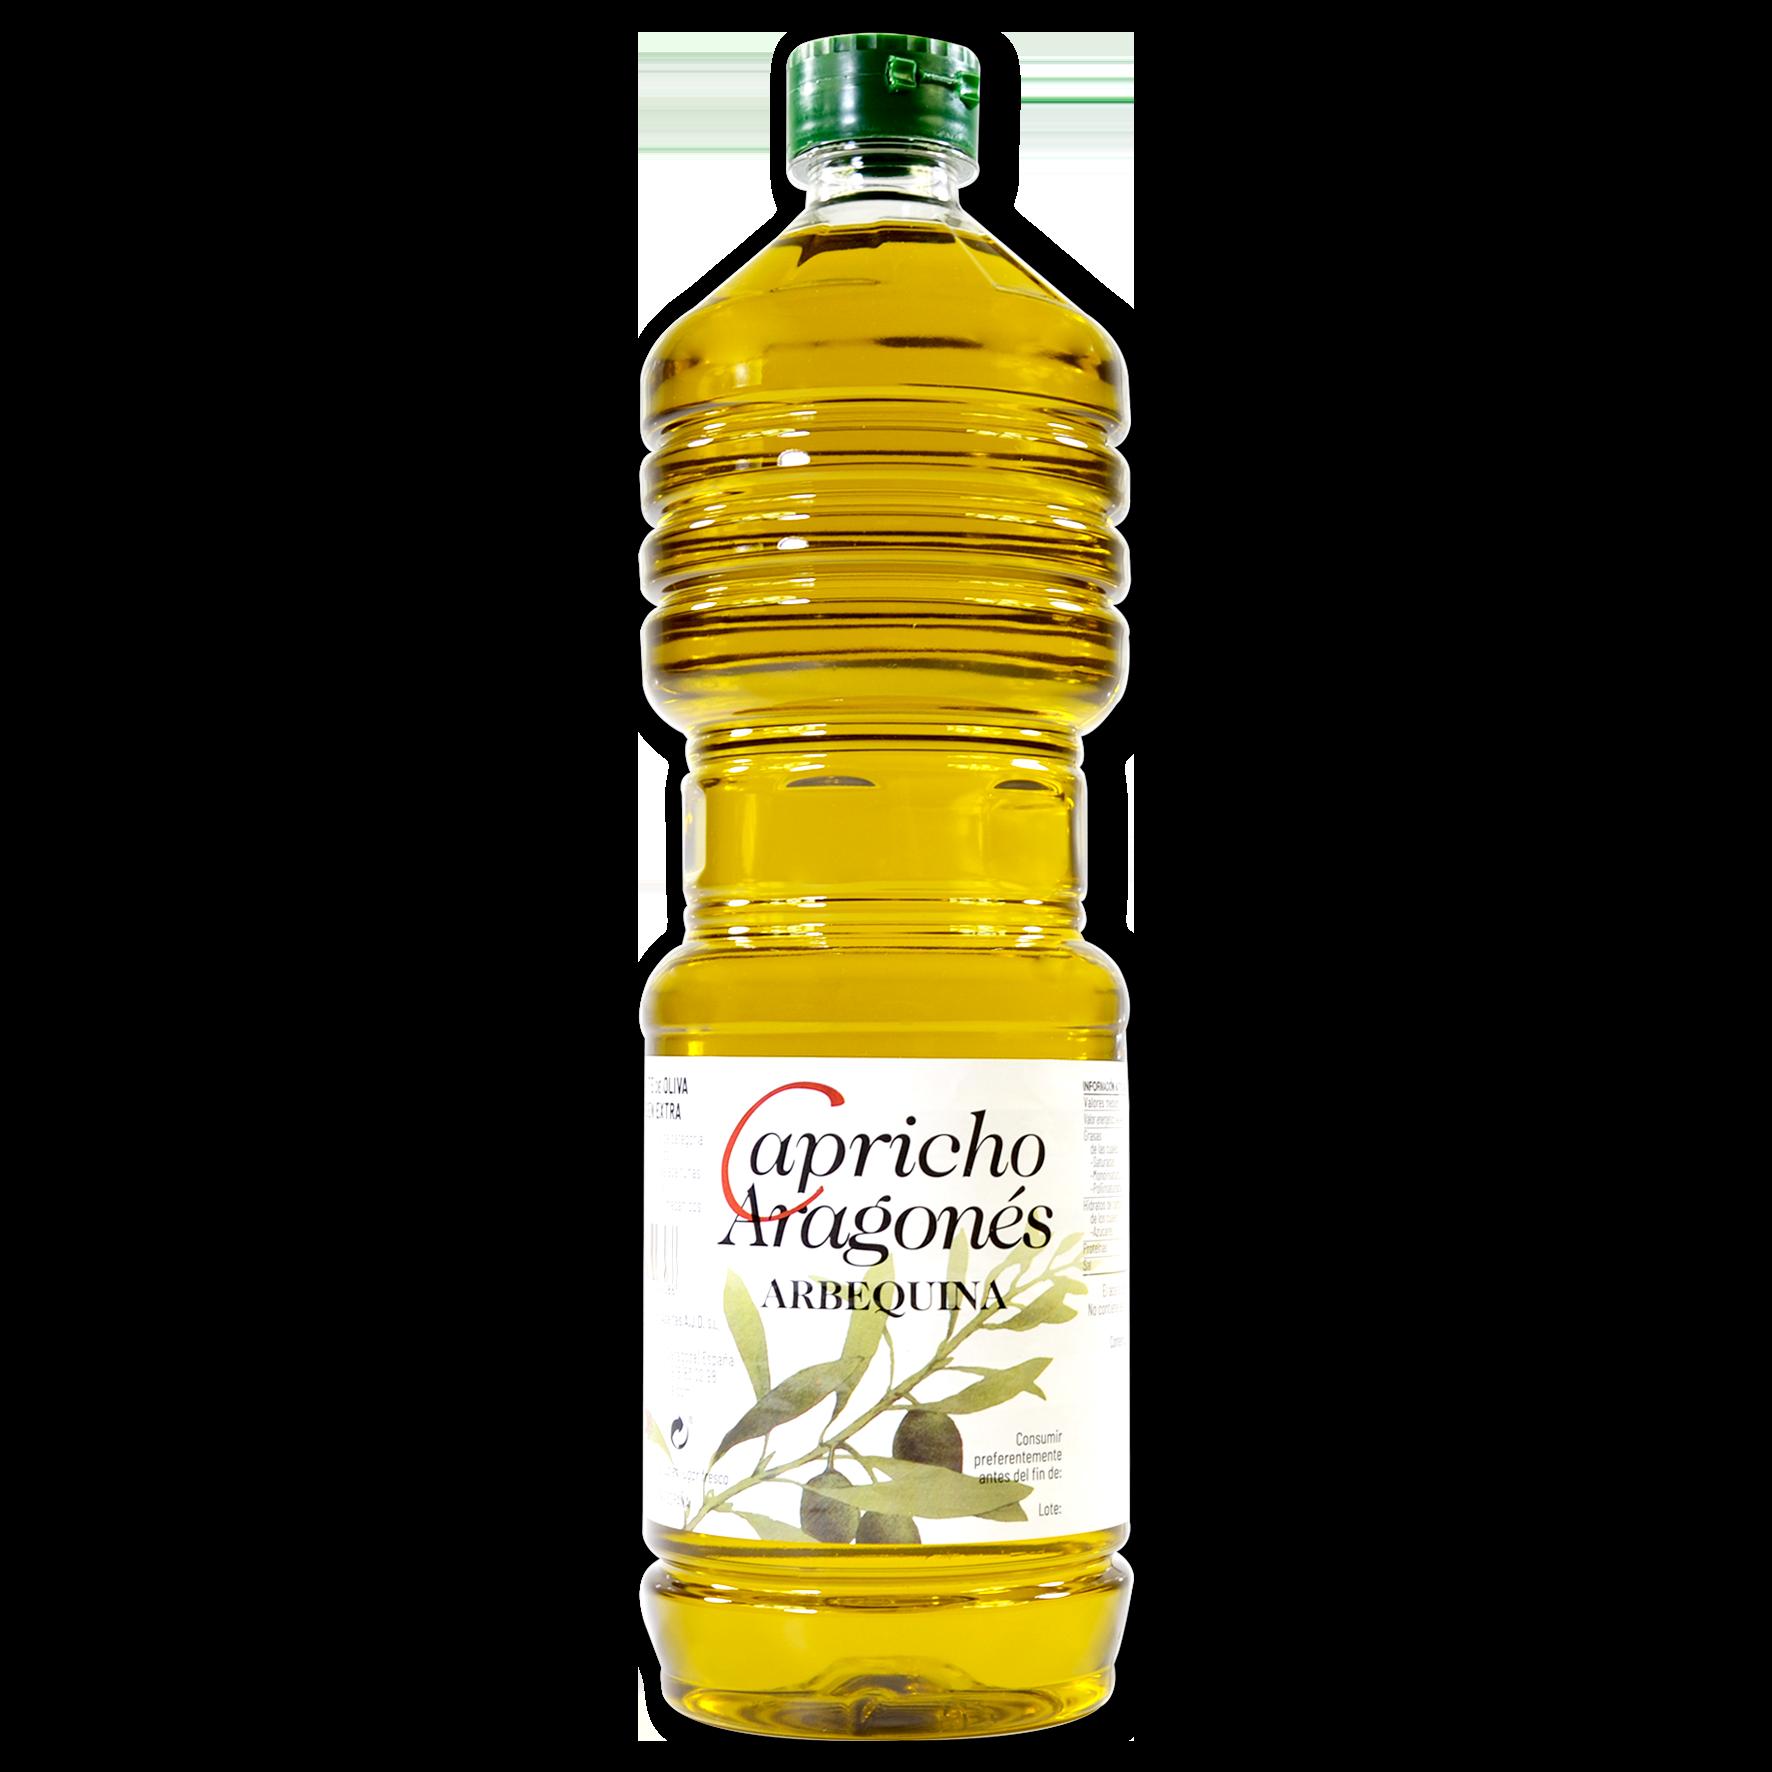 Aceite de oliva virgen extra Capricho Aragonés arbequina